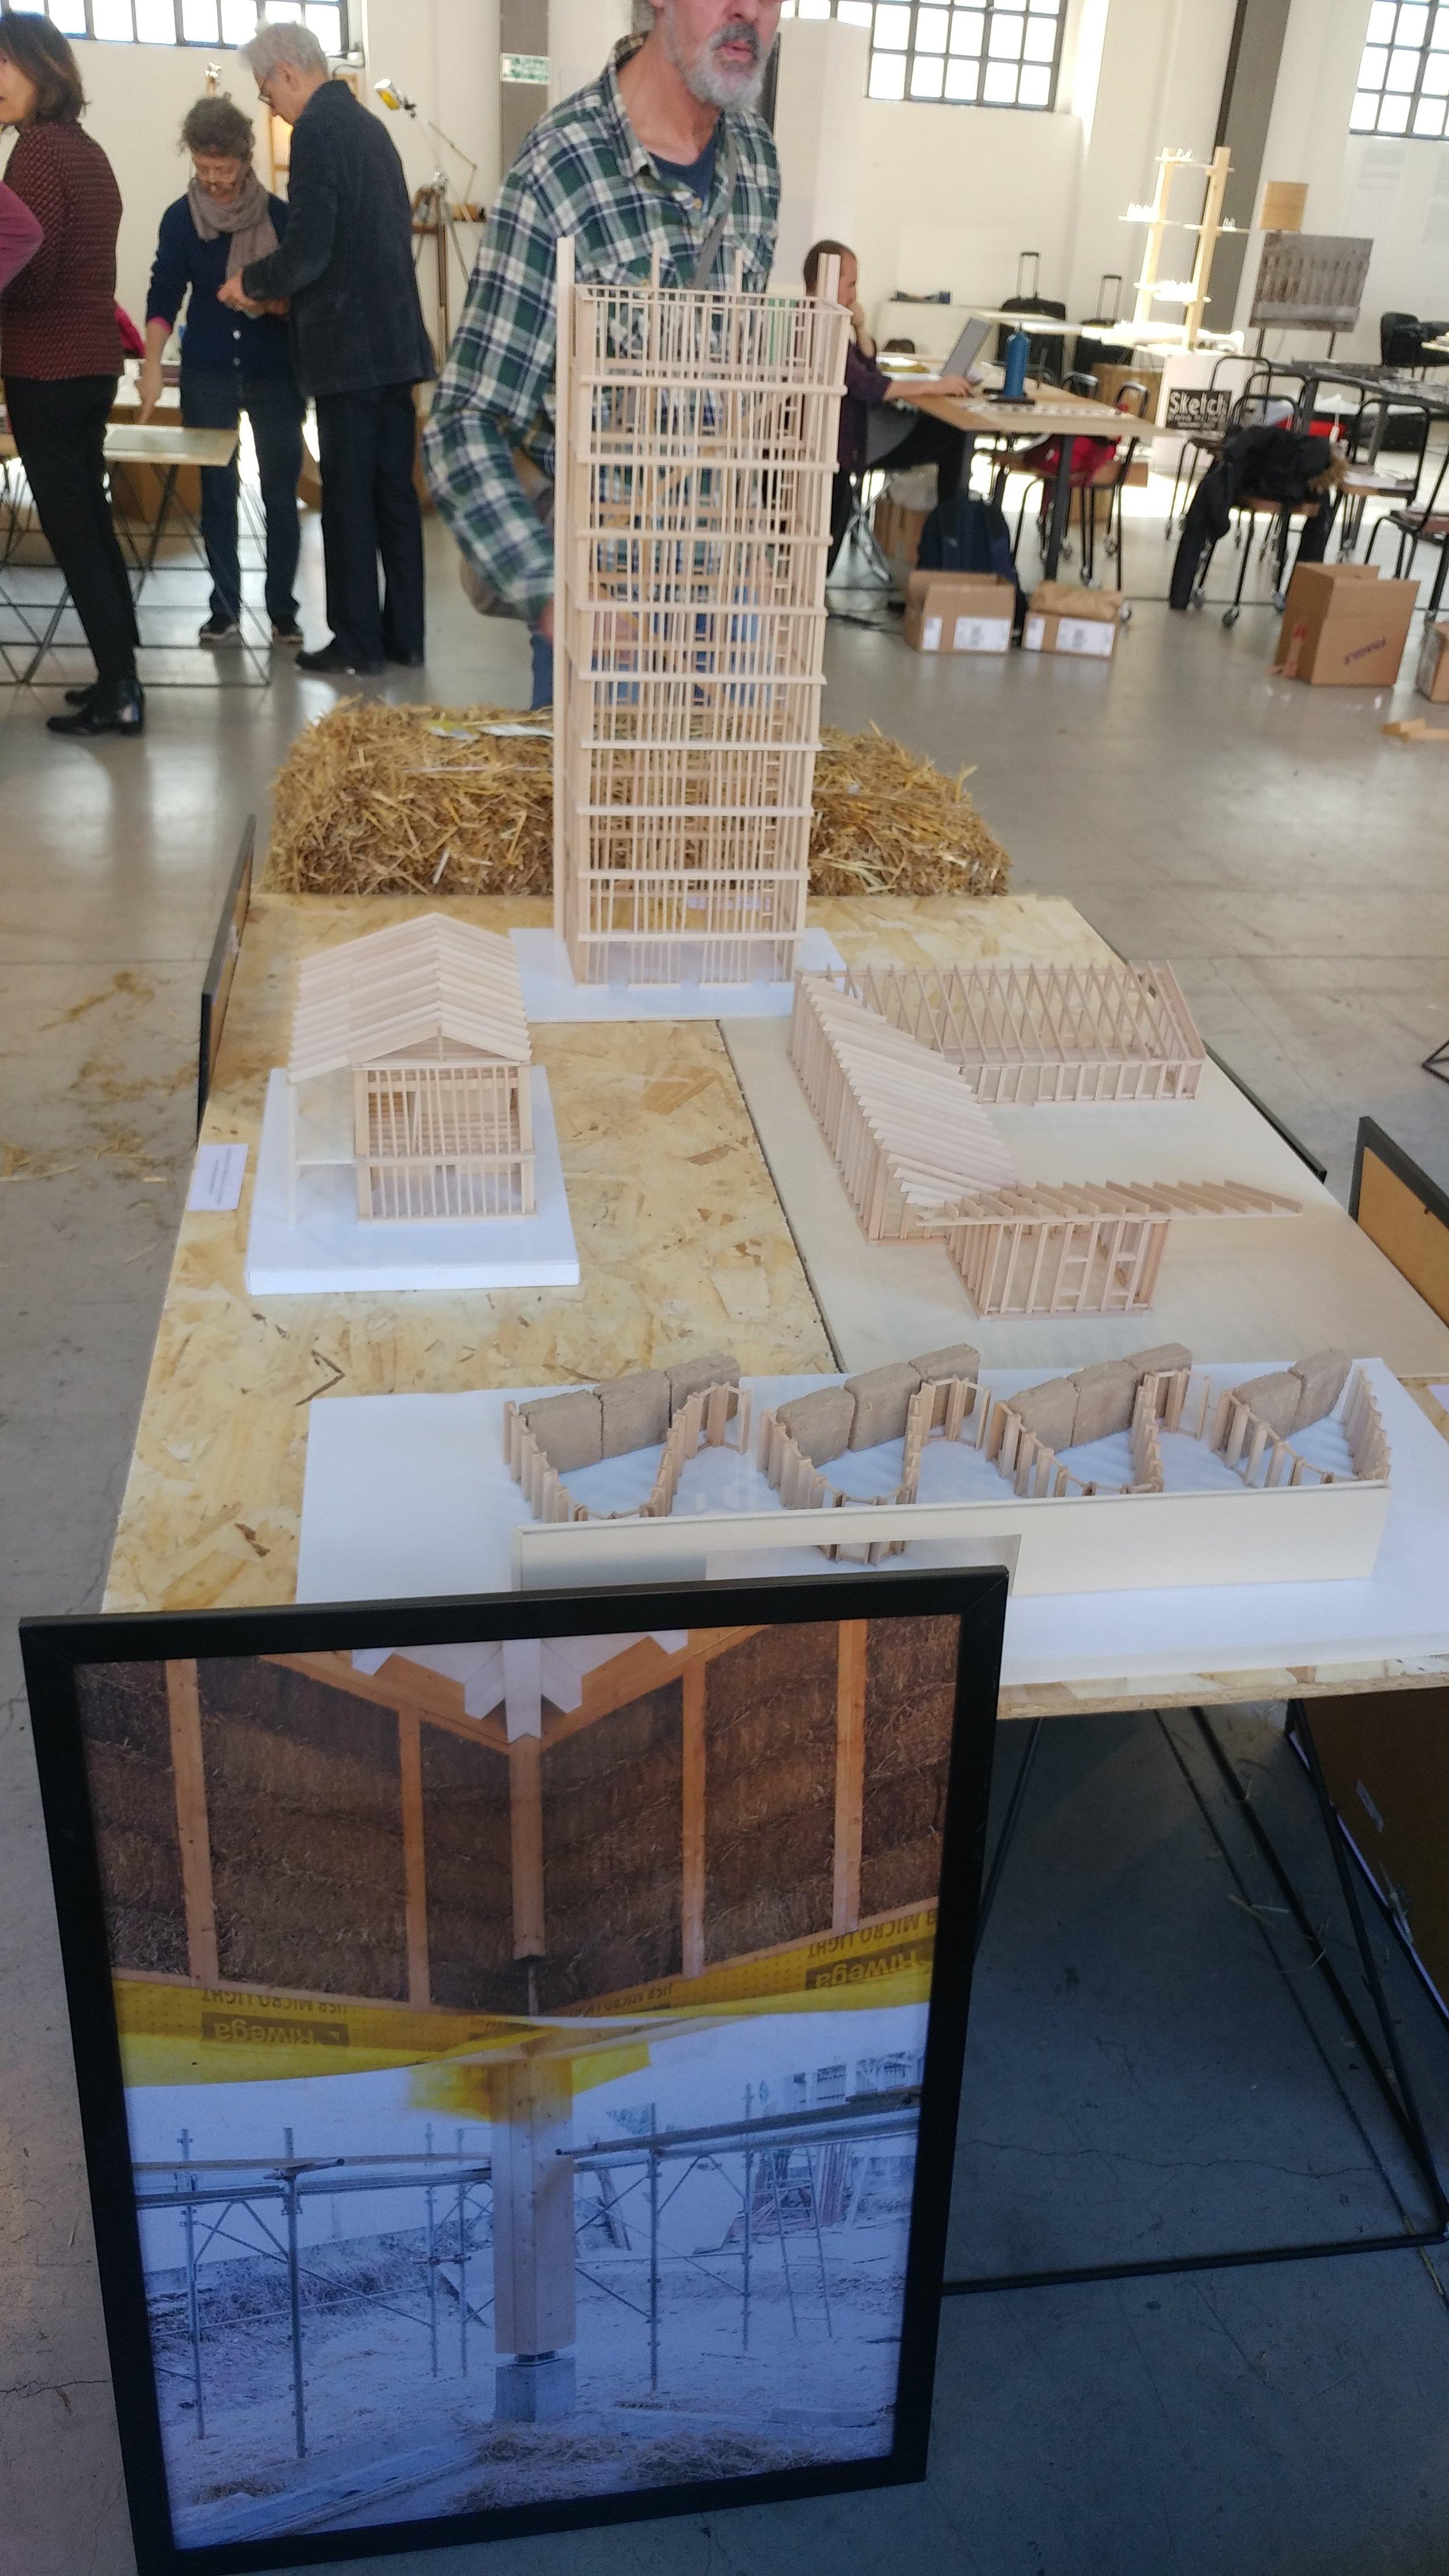 Il modello di un edificio di 10 piani in legno e balle di paglia